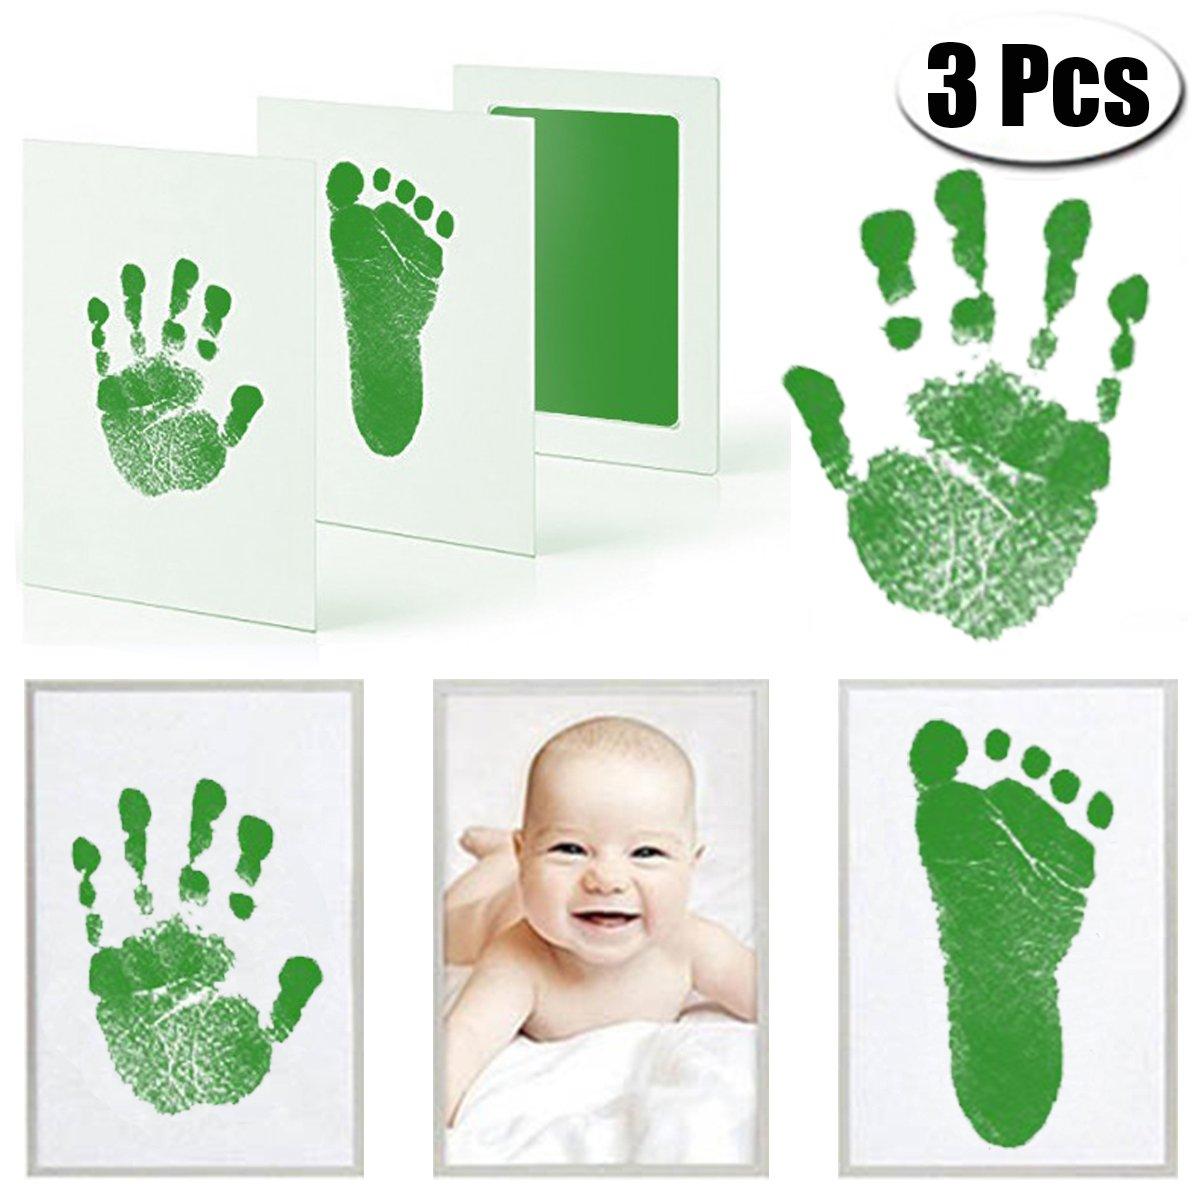 Tampon encreur Mcree pour les empruntes de pied et de main de bébé - Kit avec 3 tampons encreurs extra larges et 6 cartes à empruntes - Idéal pour garder les souvenirs de bébé ou comme cadeau pour une fête de